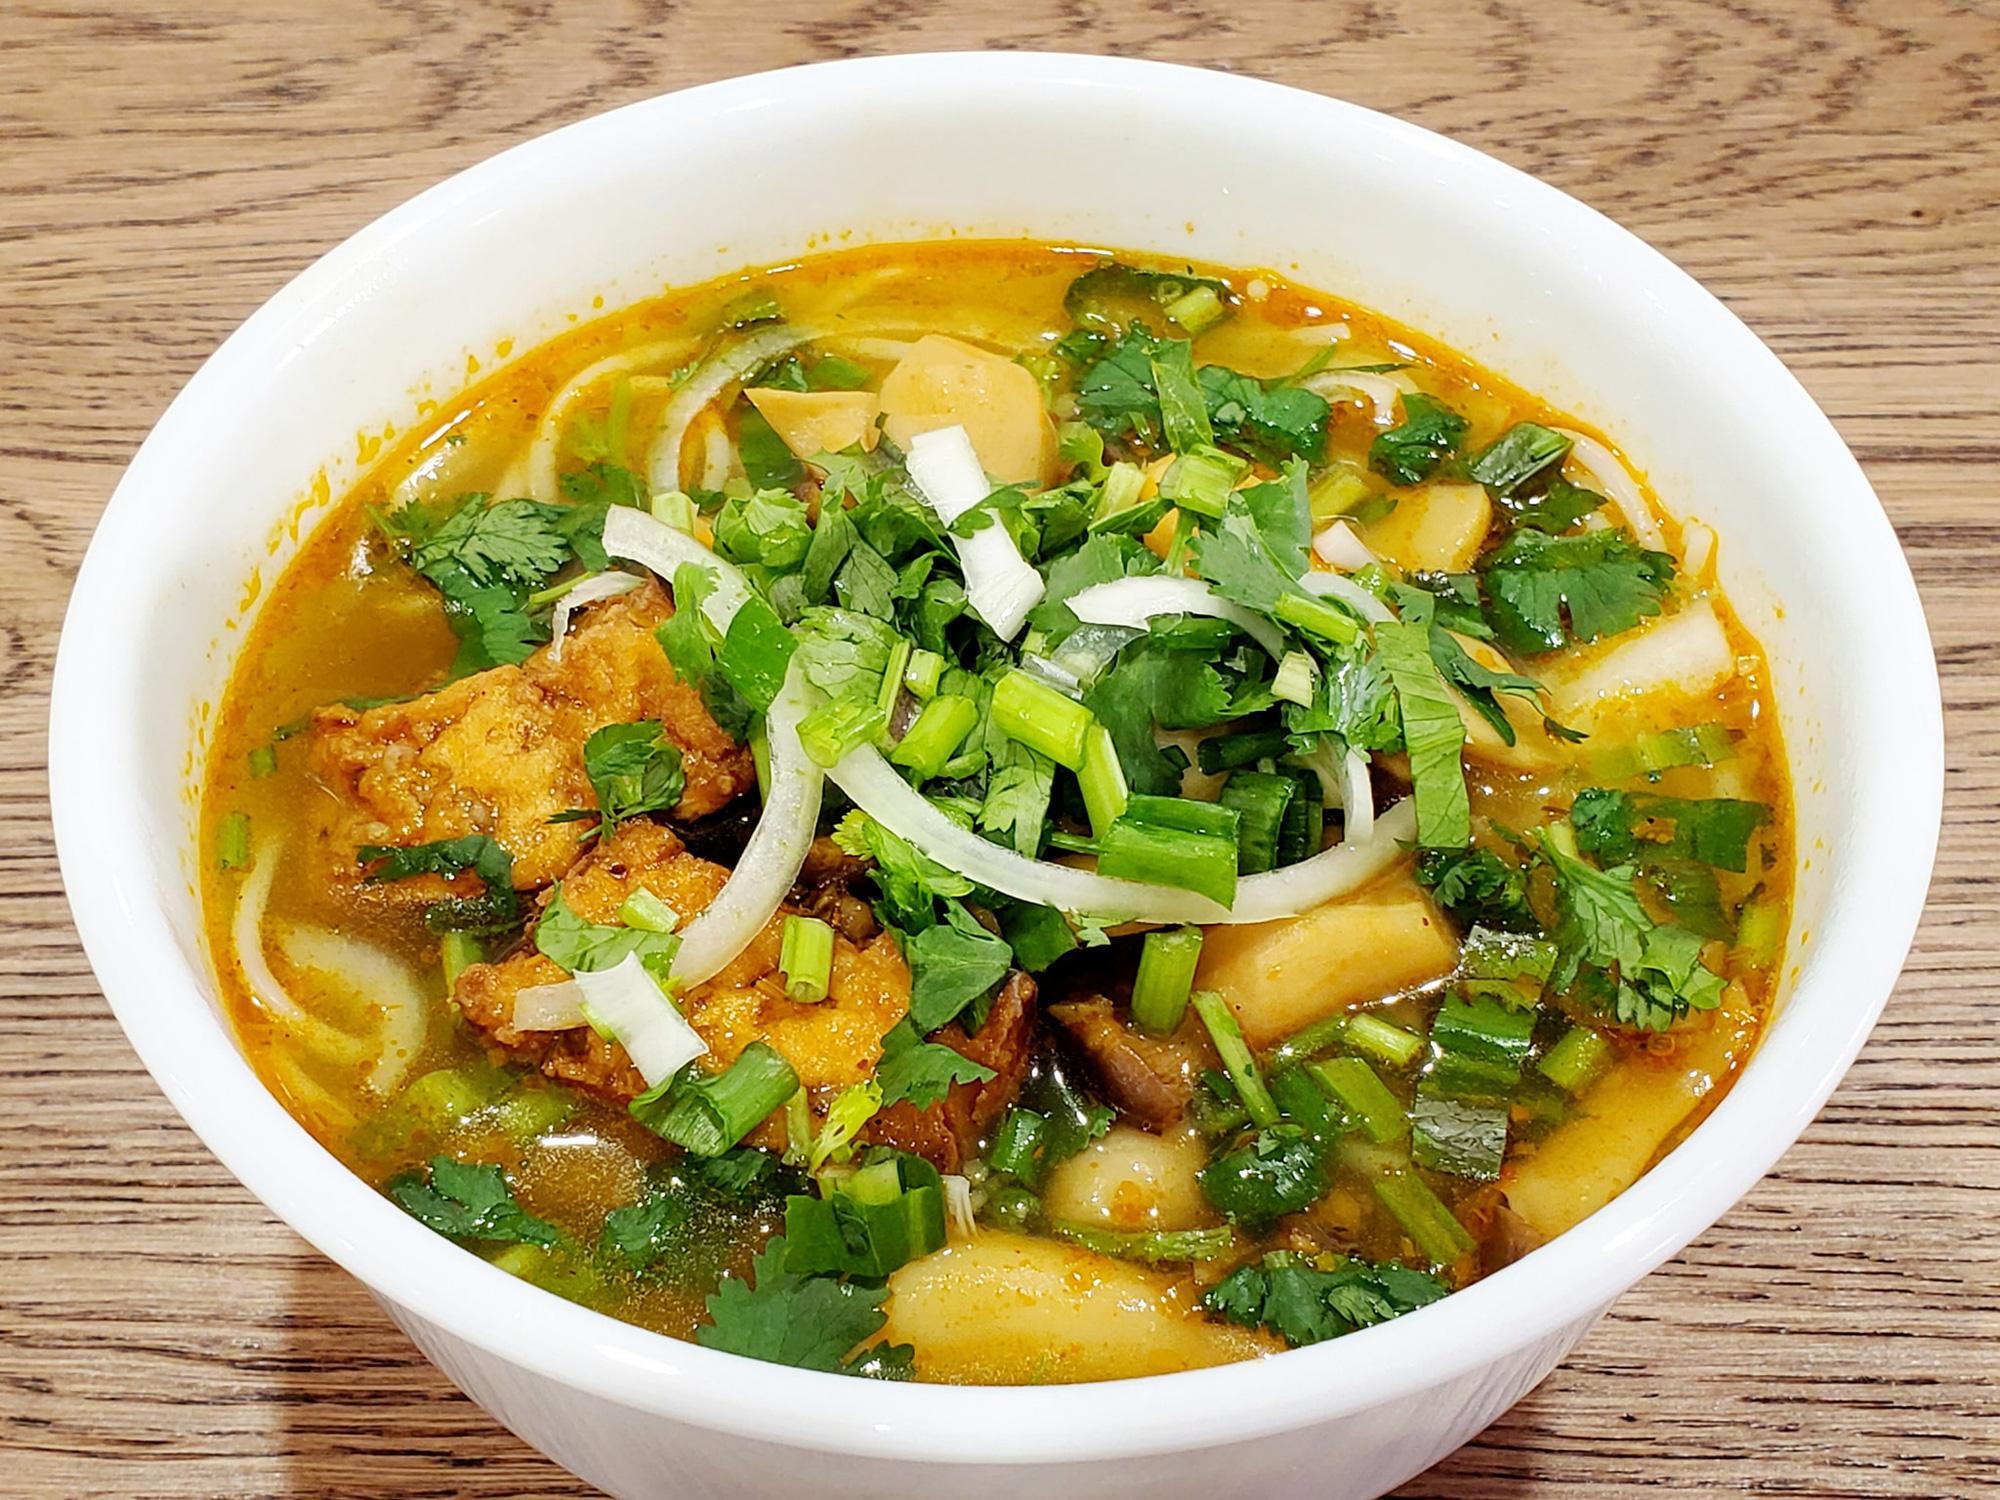 Hot mom Việt sống tại Canada chia sẻ chuyện ăn uống thiên về thực vật và bản thân luôn tỏa ra nguồn năng lượng vô cùng tích cực - Ảnh 9.